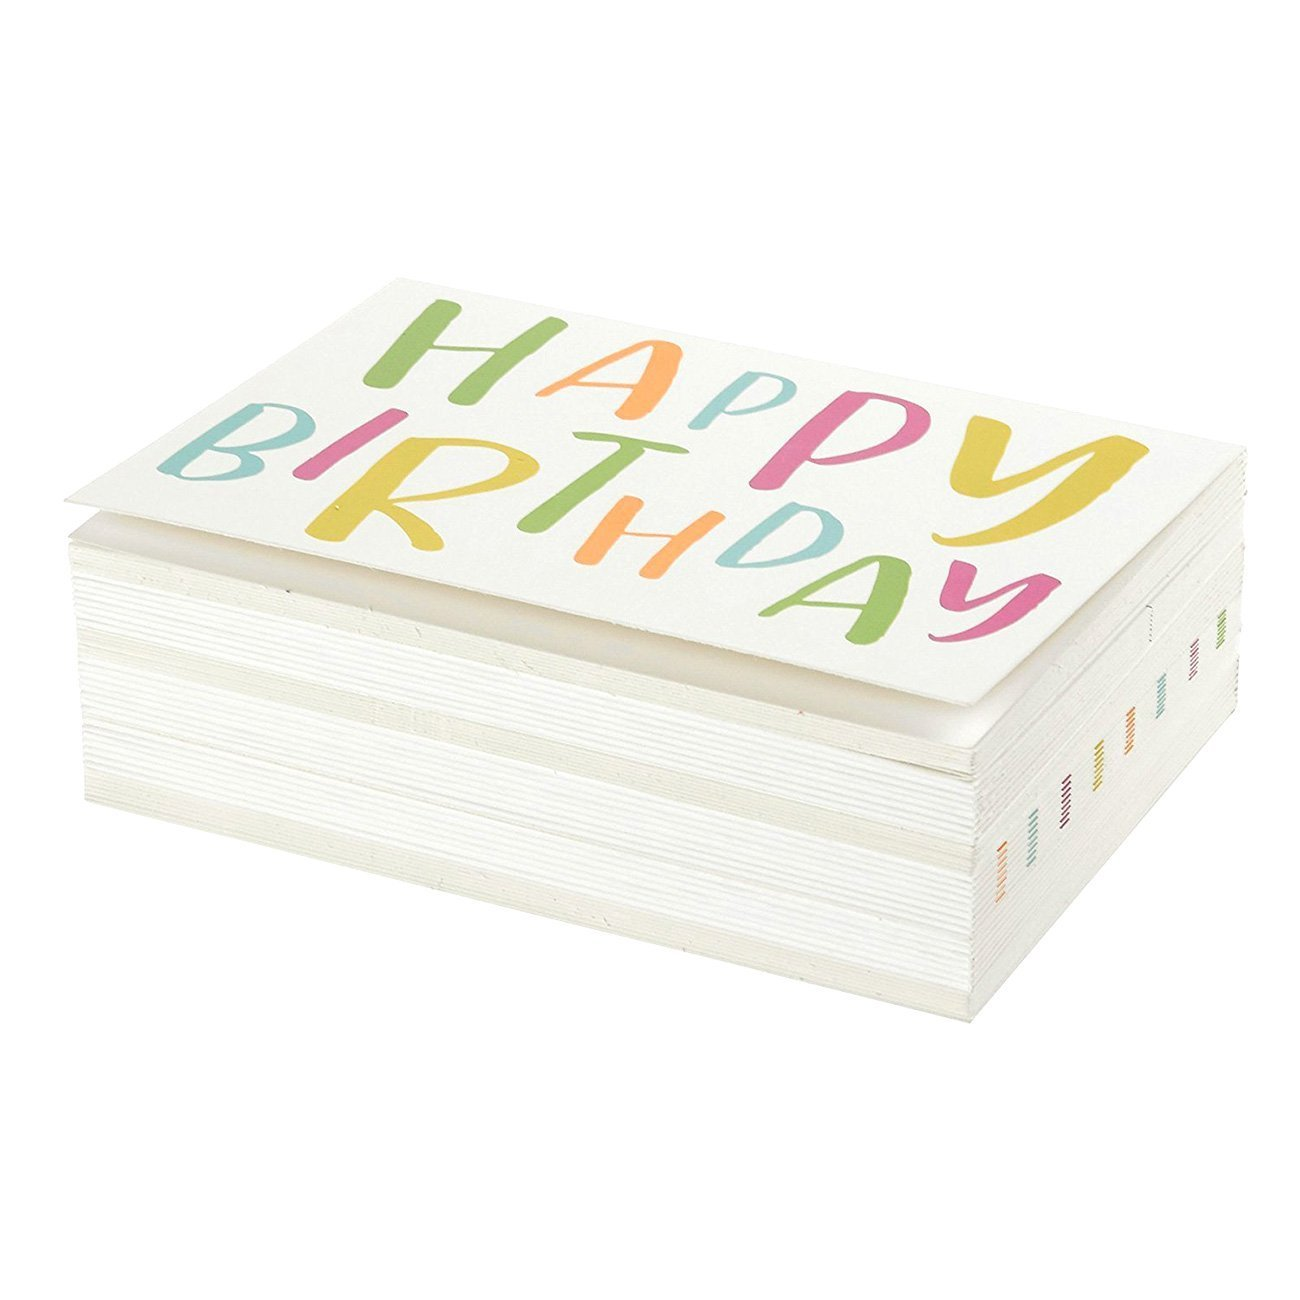 interno bianco/ Happy Birthday biglietti d auguri/ /Confezione bulk box /10,2/x 15,2/cm /include 48/biglietti e buste/